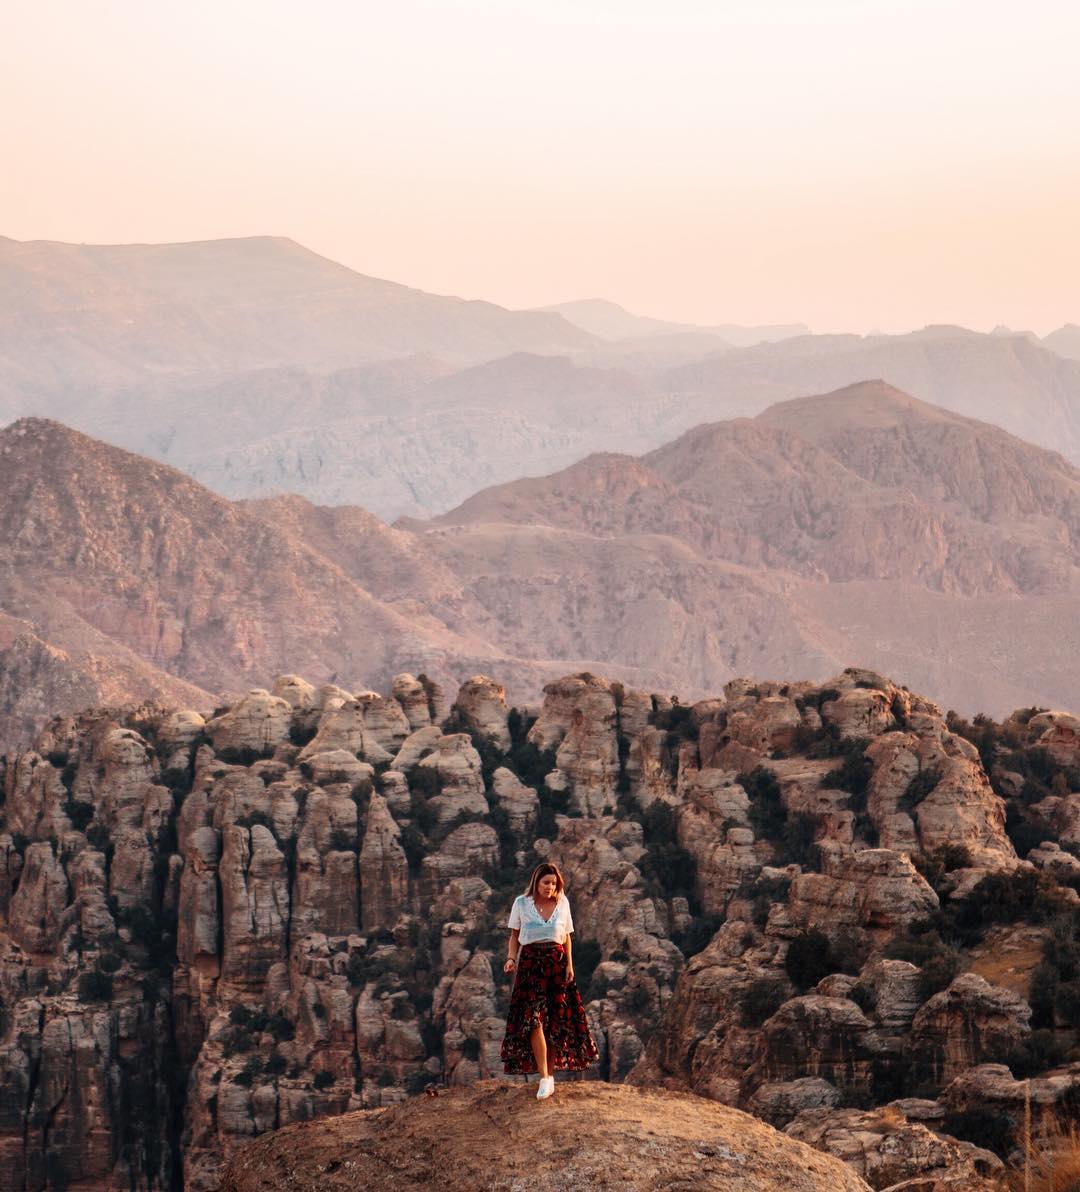 25-летняя девушка путешествует и зарабатывает в Instagram